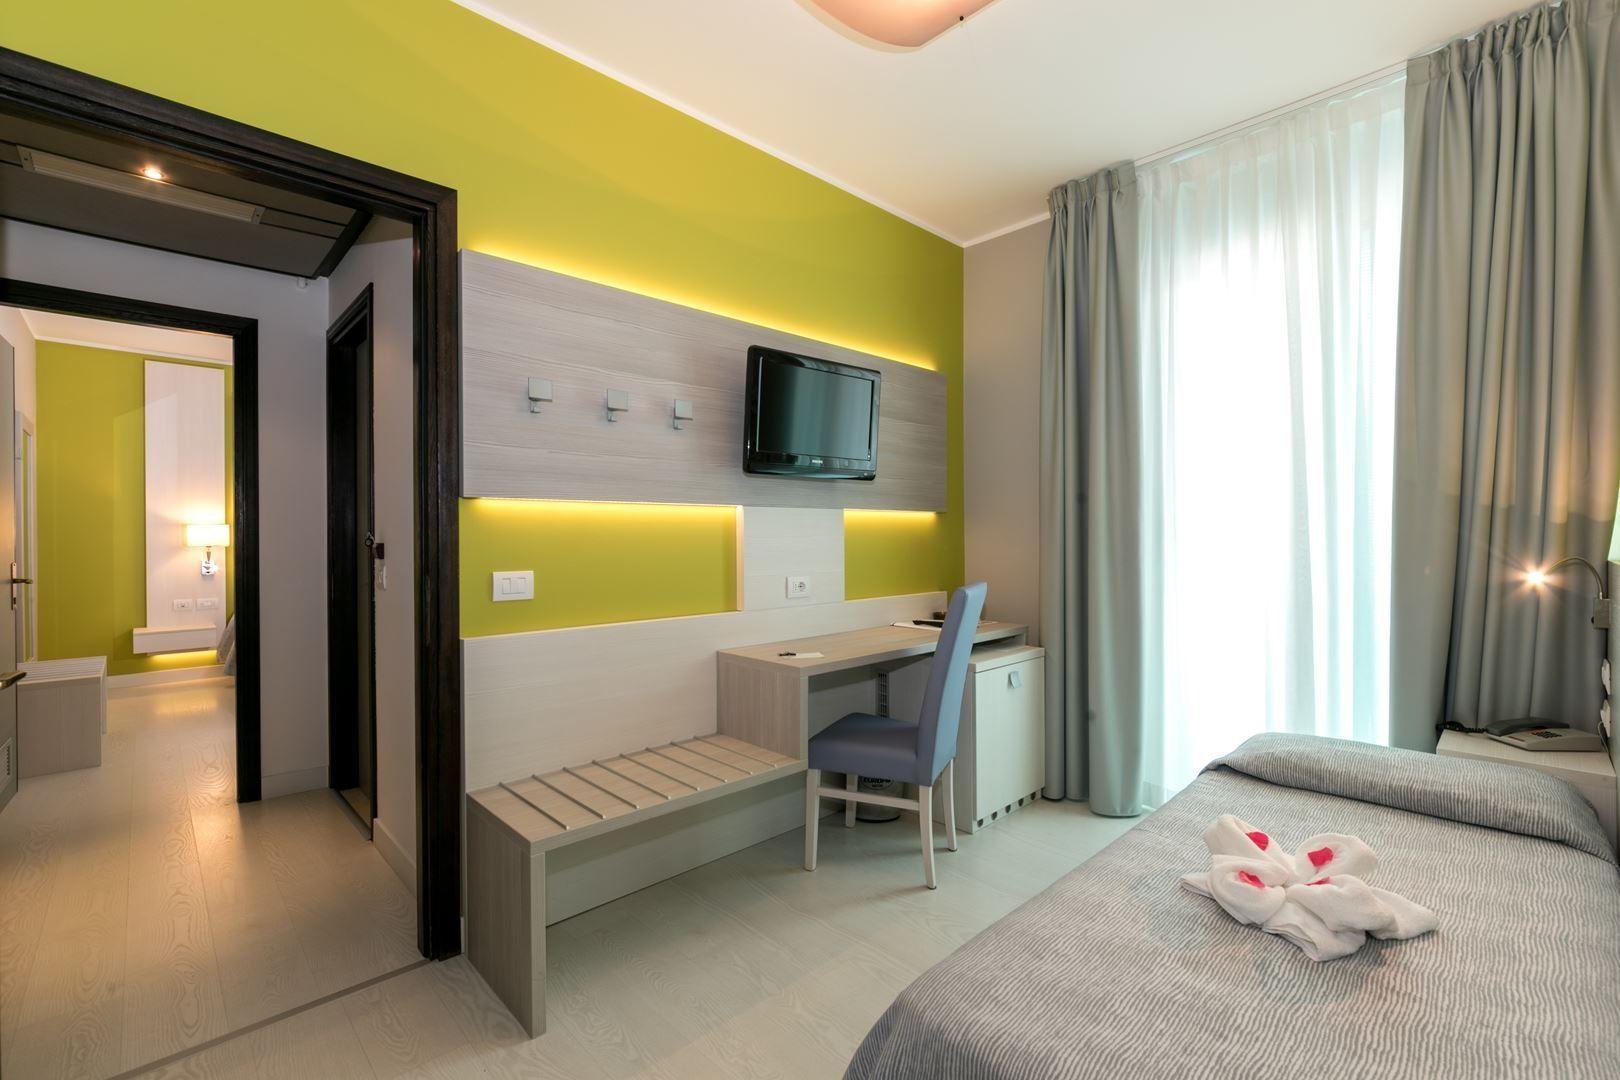 Chambre double pour les familles jesolo lido hotel europa for Chambre communiquante